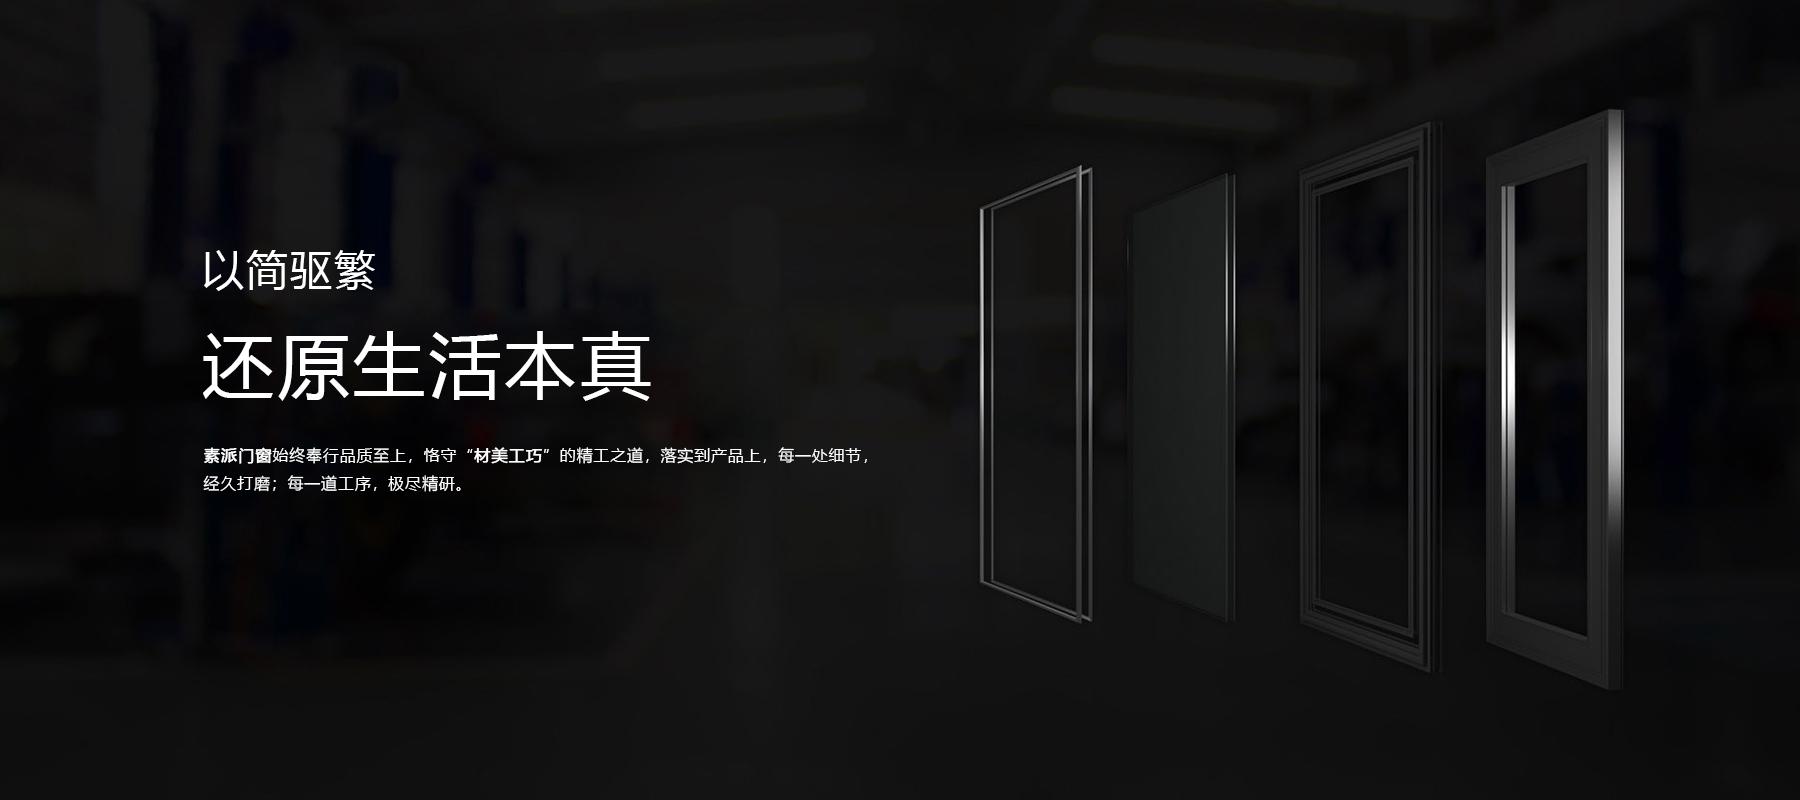 高端系统门窗品牌